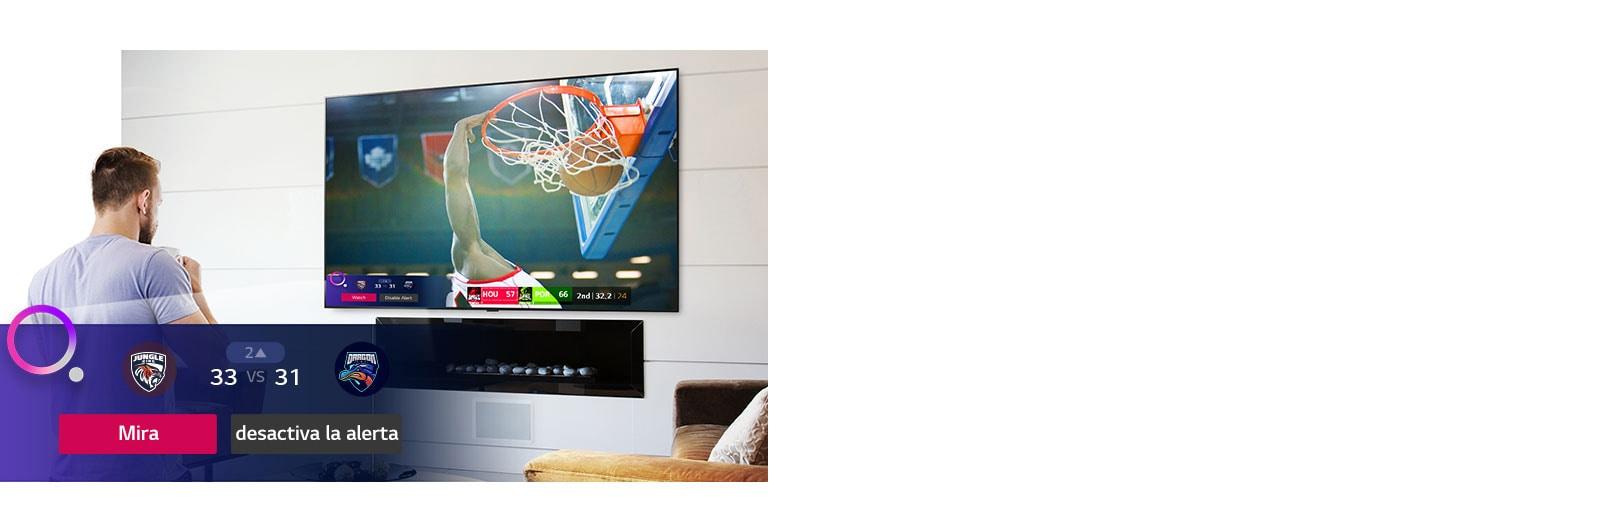 La Pantalla del TV que muestra una escena de un partido de baloncesto con una alerta deportiva